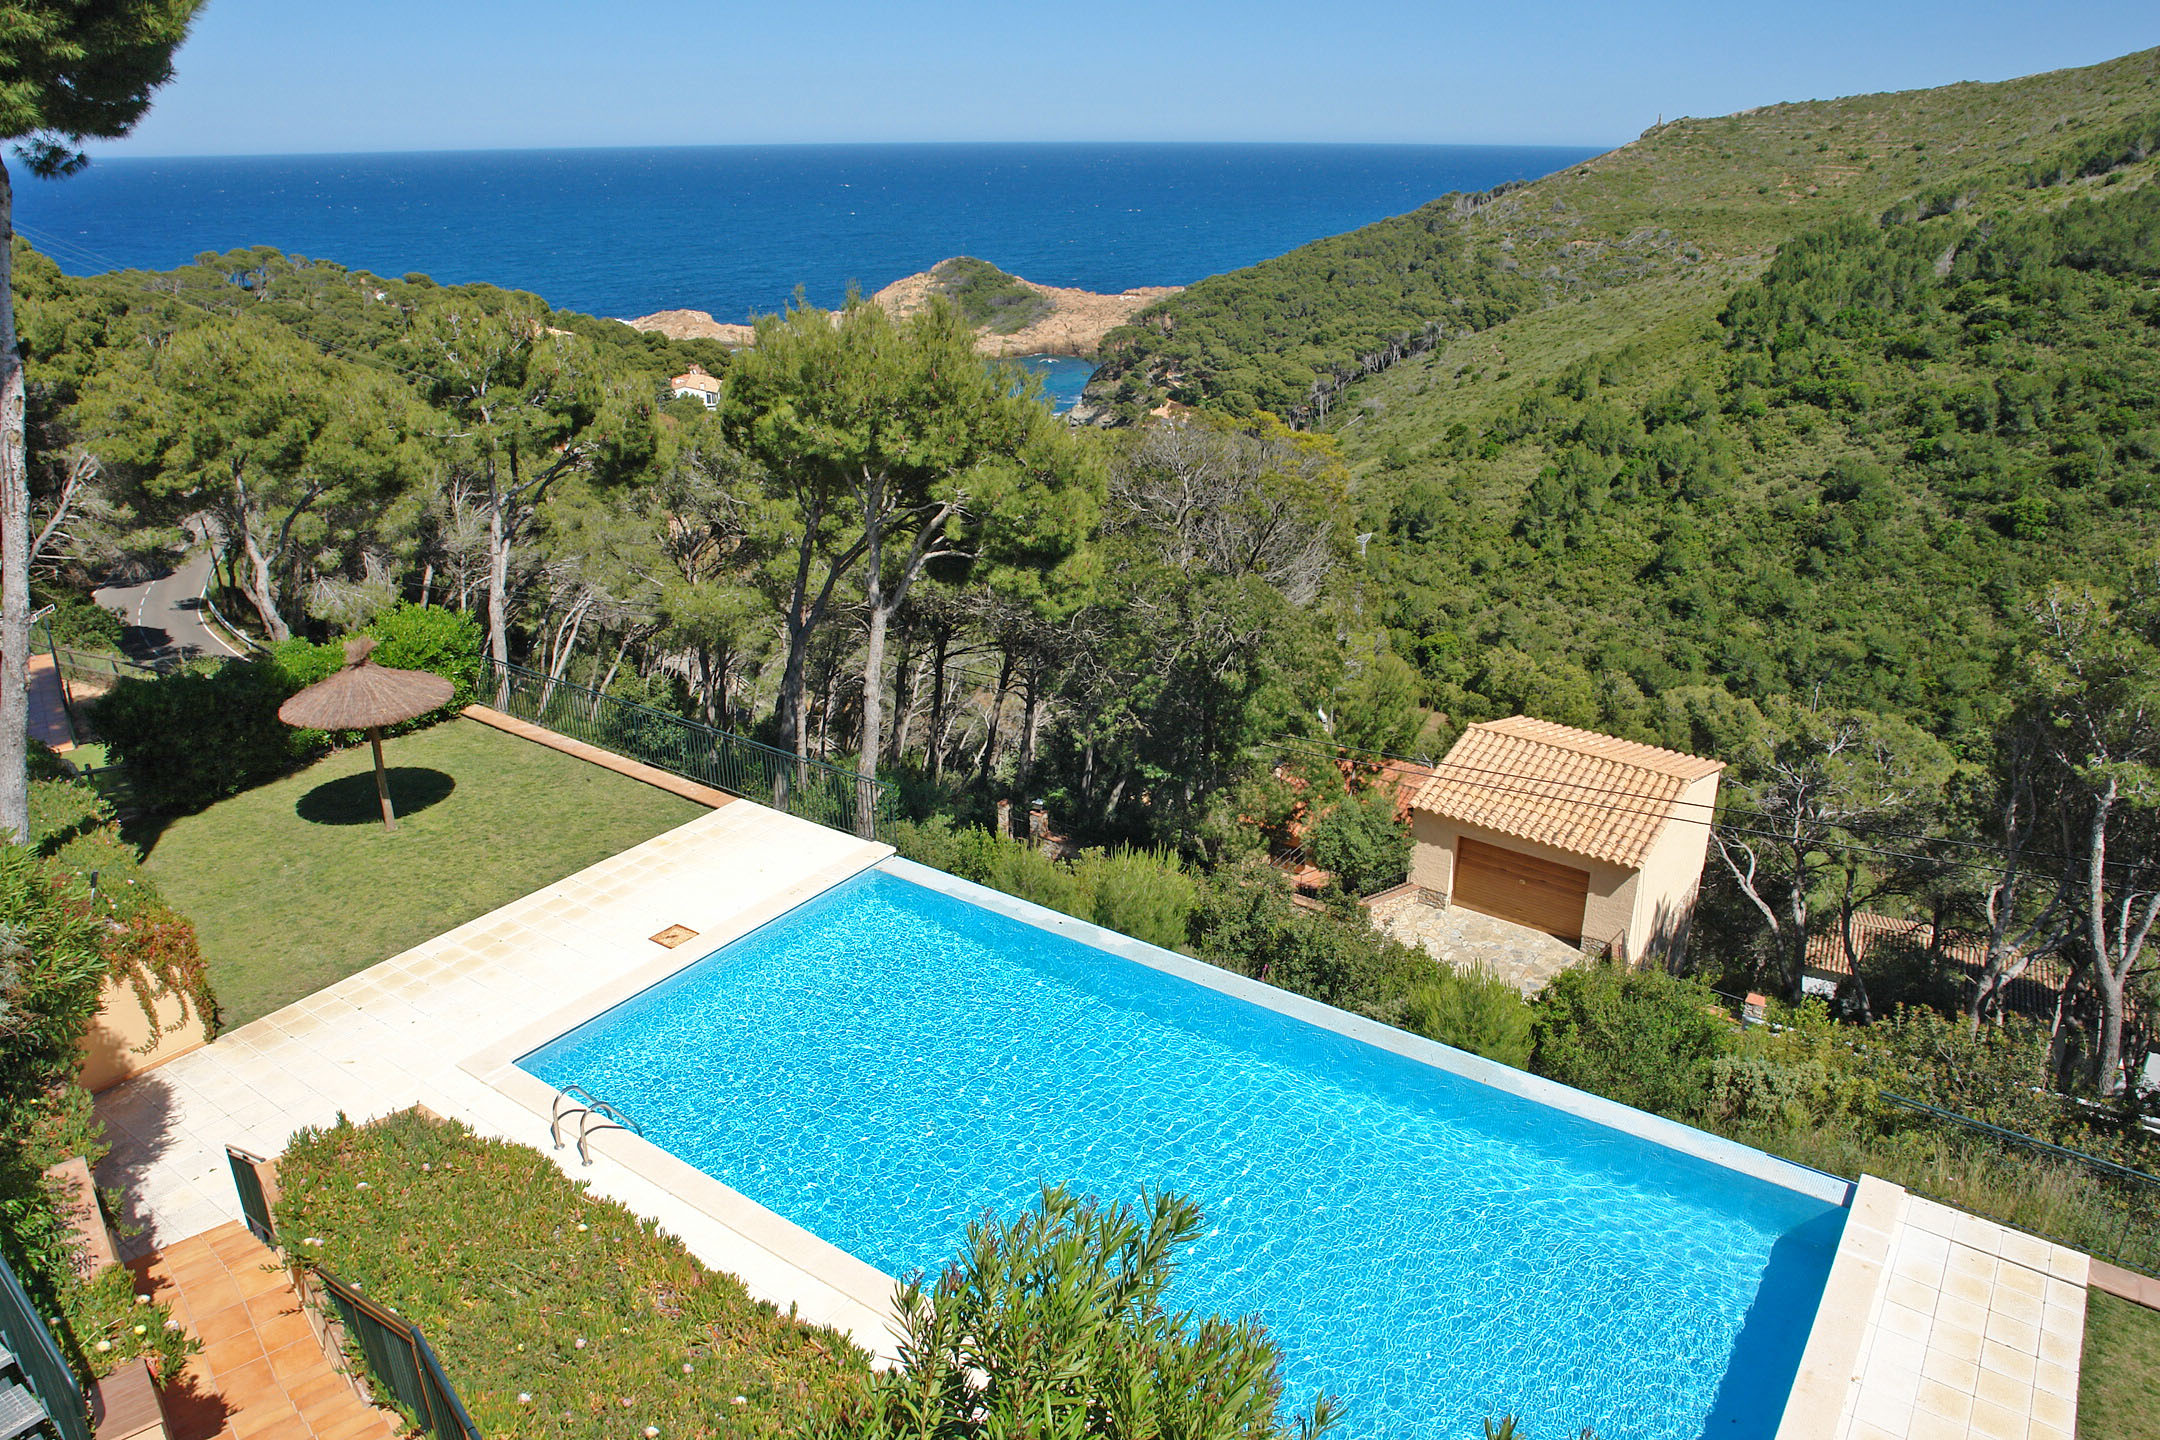 Einfamilienhaus für Verkauf beim Beautiful terraced houses for sale close to Sa Tuna, Begur Begur, Costa Brava 17255 Spanien